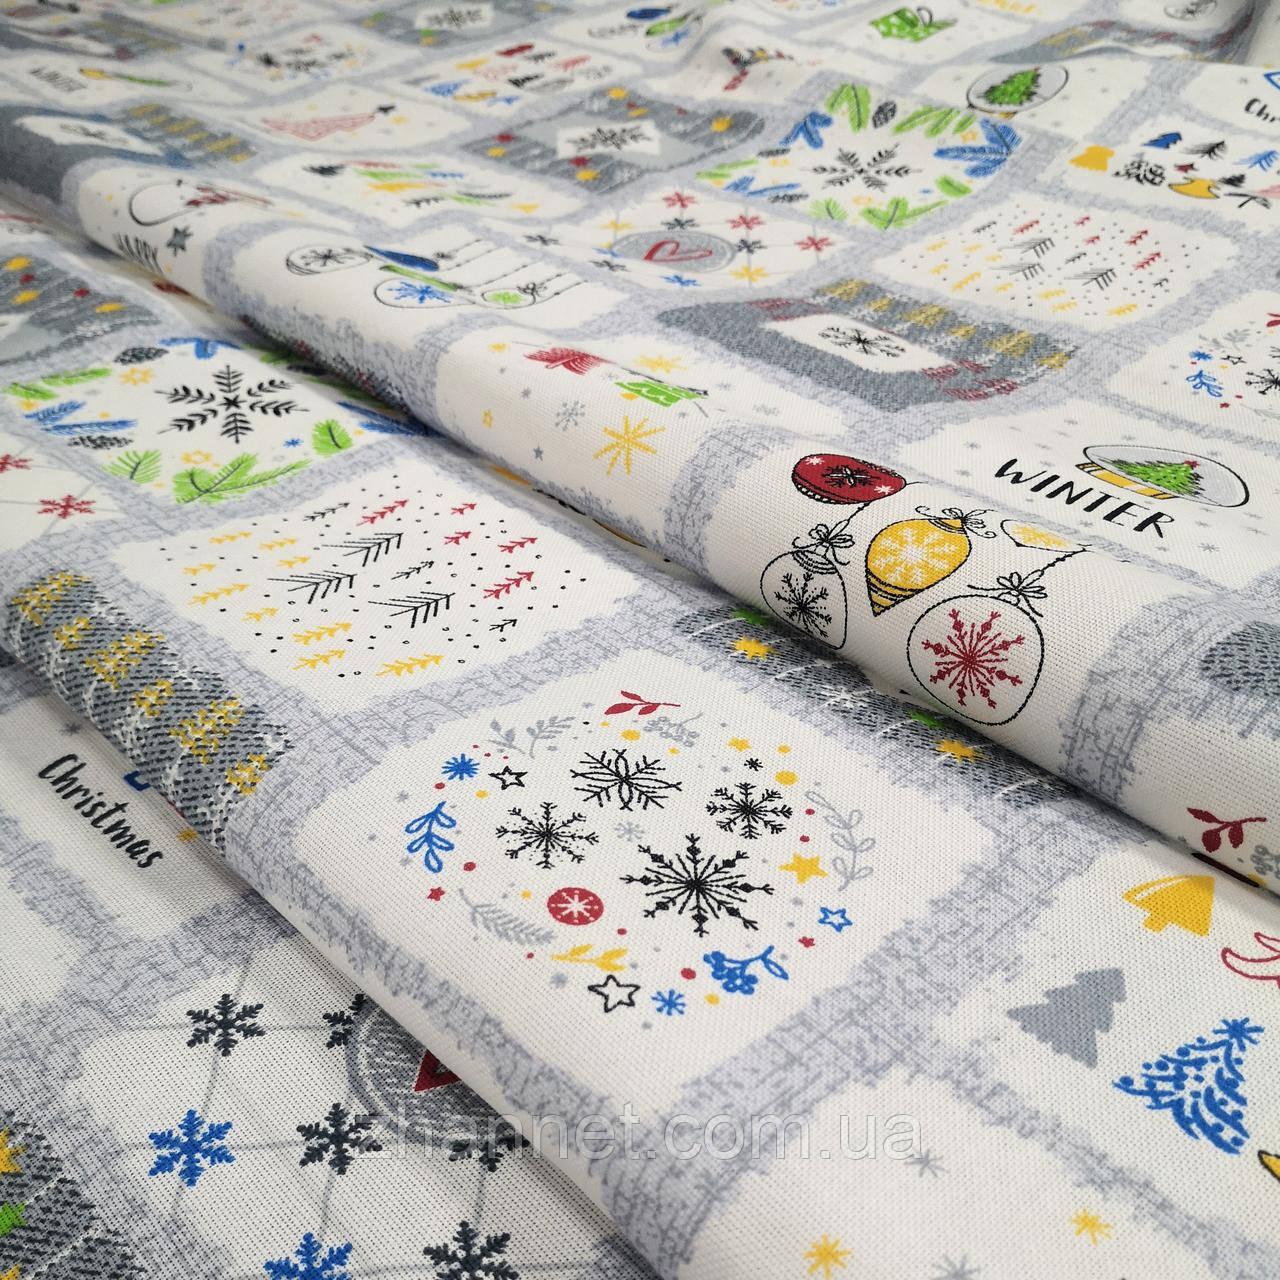 Ткань для новогодней скатерти рогожка Хеппи 150 см